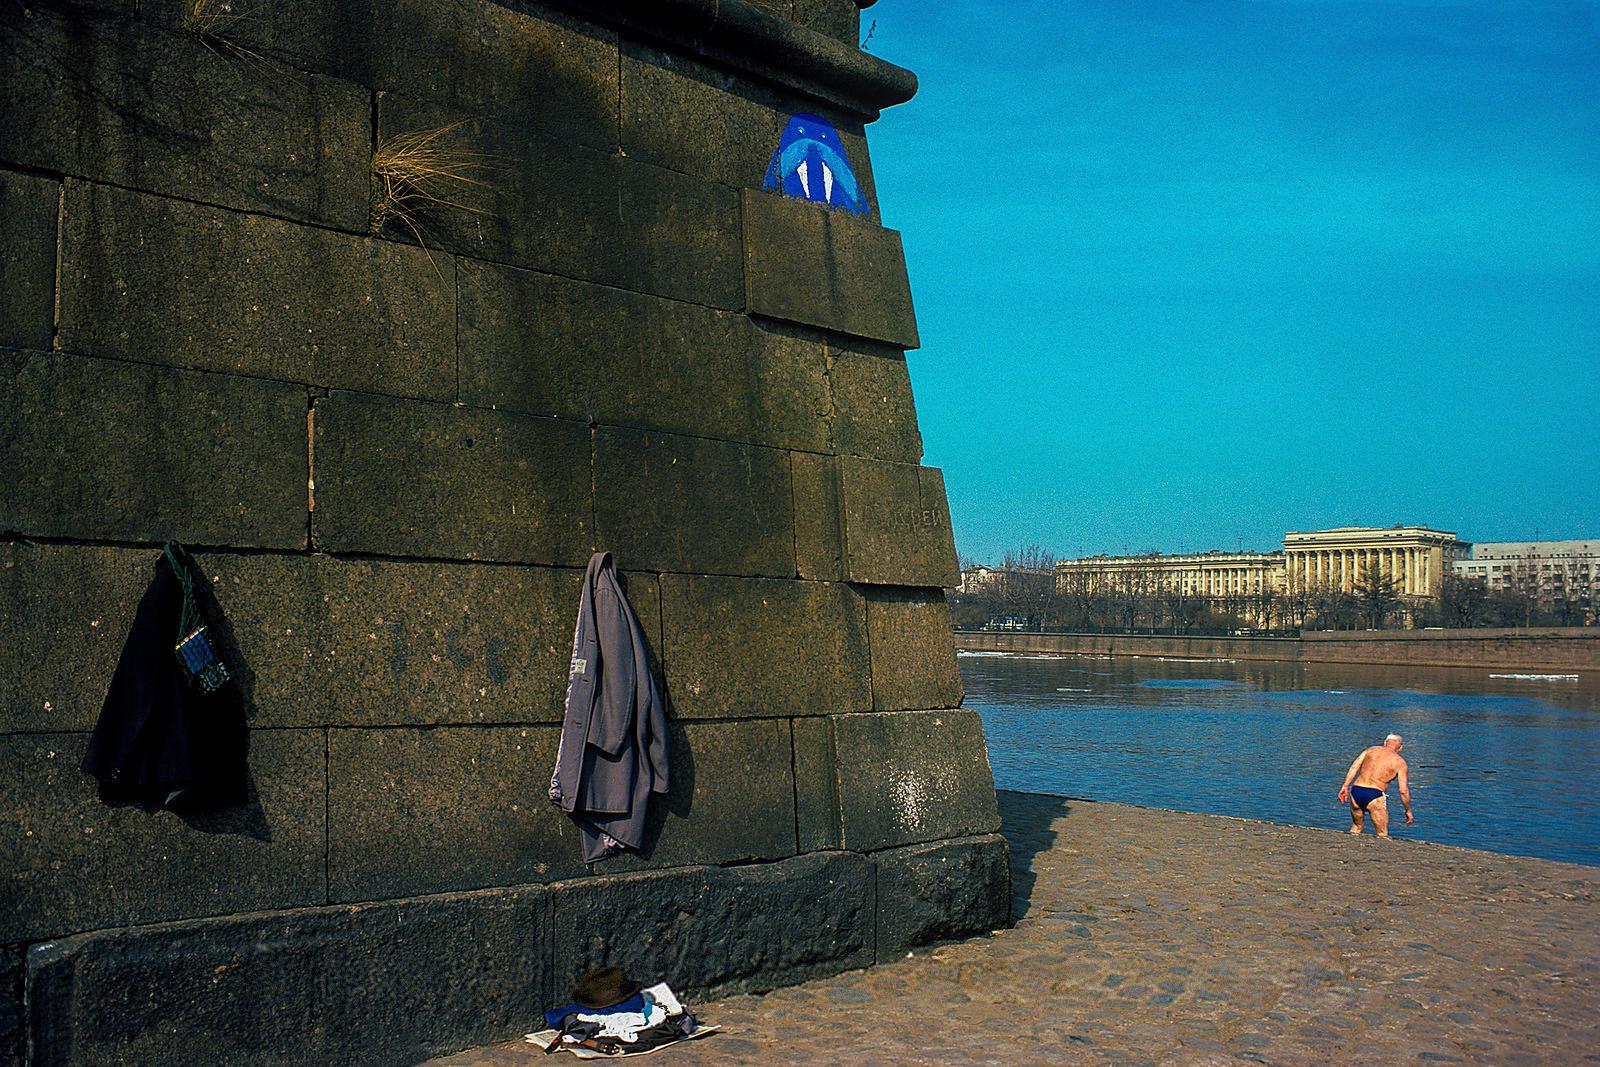 У Петропавловской крепости